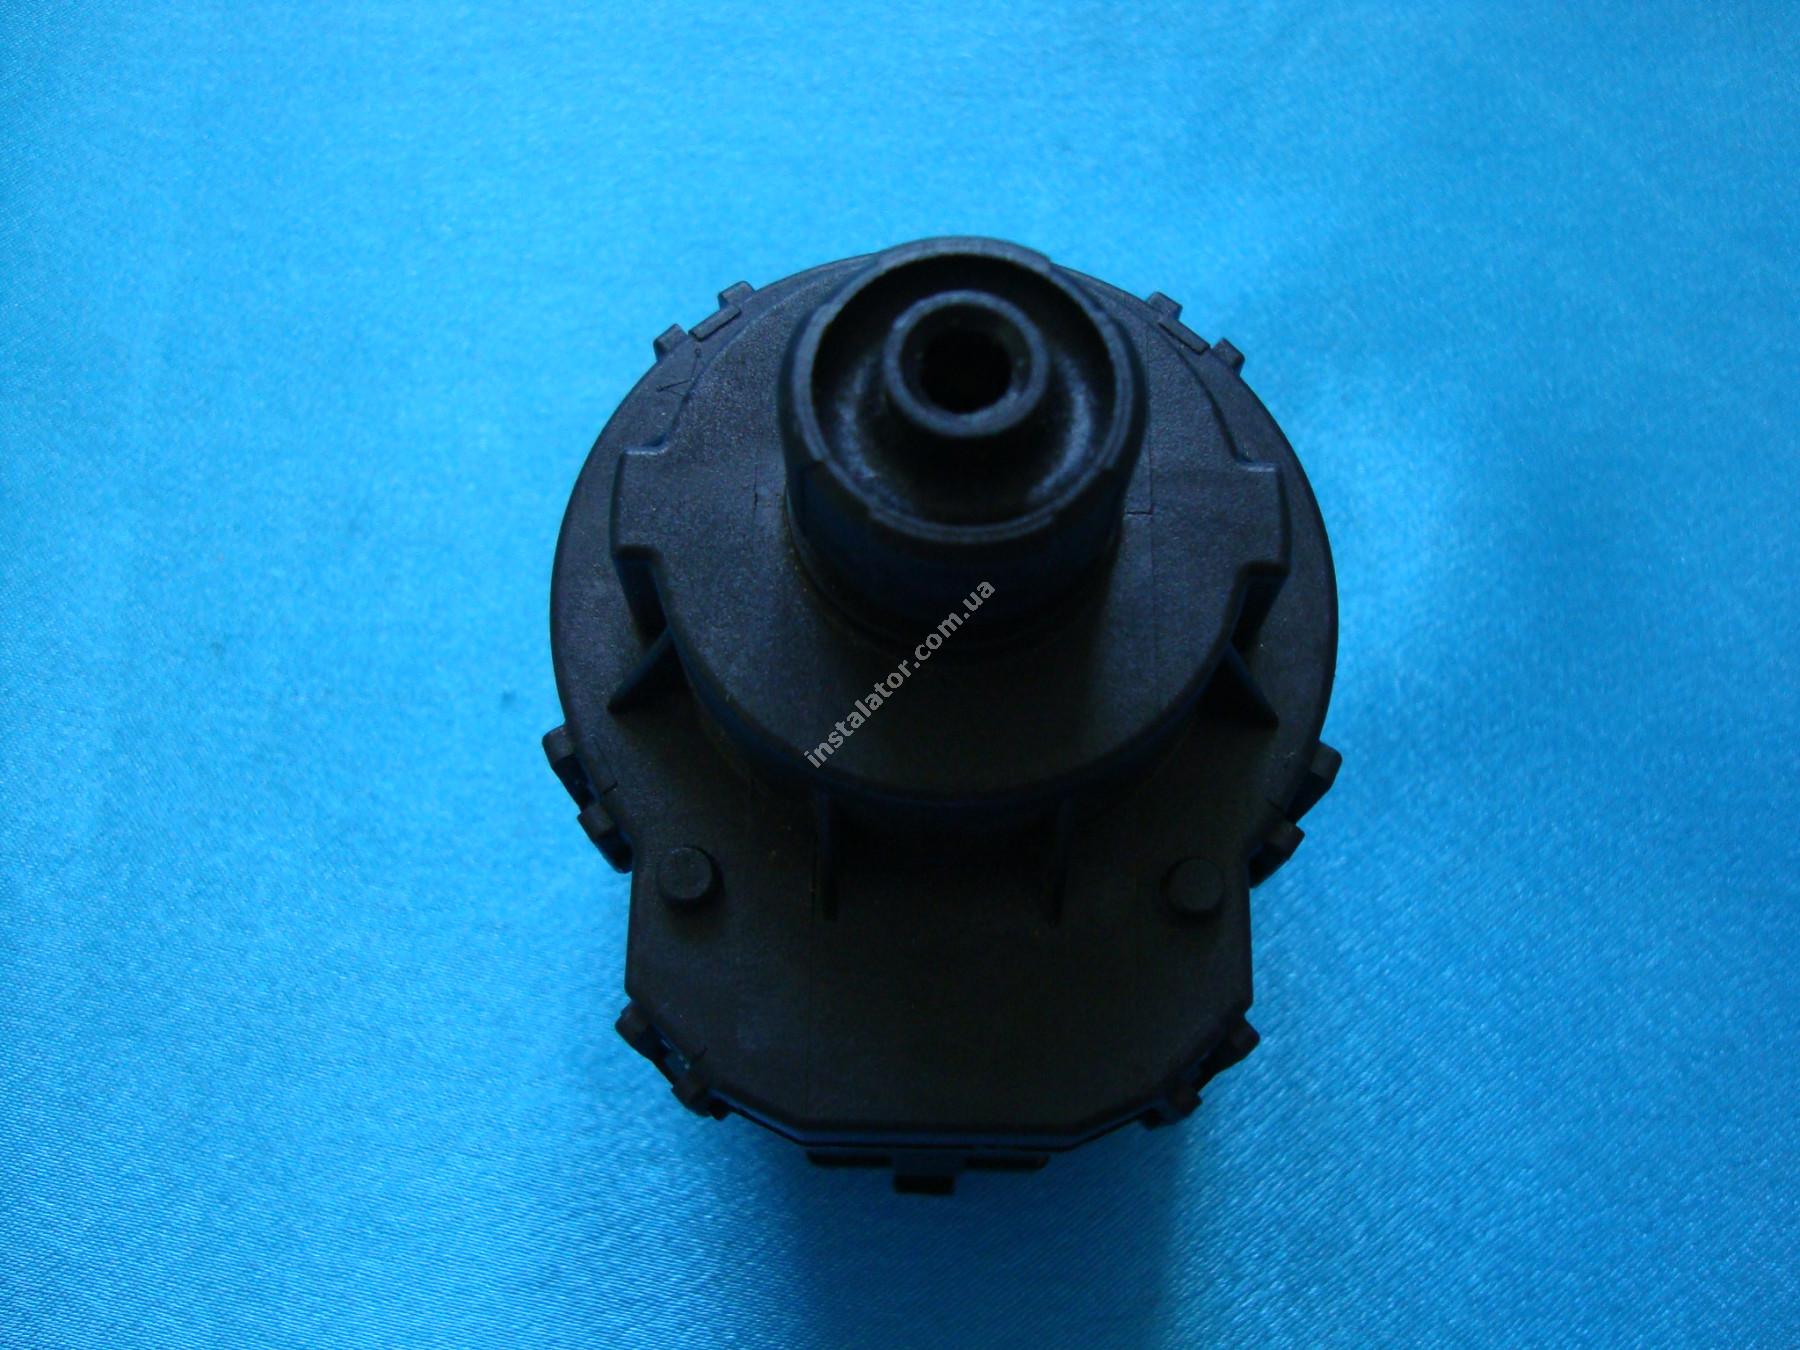 BI1431100 Сервопривід 3-х ходового клапана BIASI Inovia M290 full-image-3